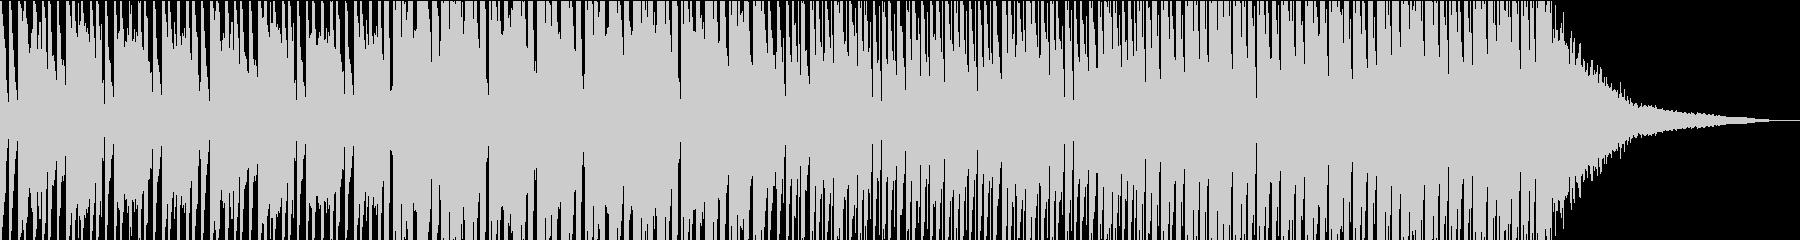 TV /映画/サウンドトラック/ゲ...の未再生の波形